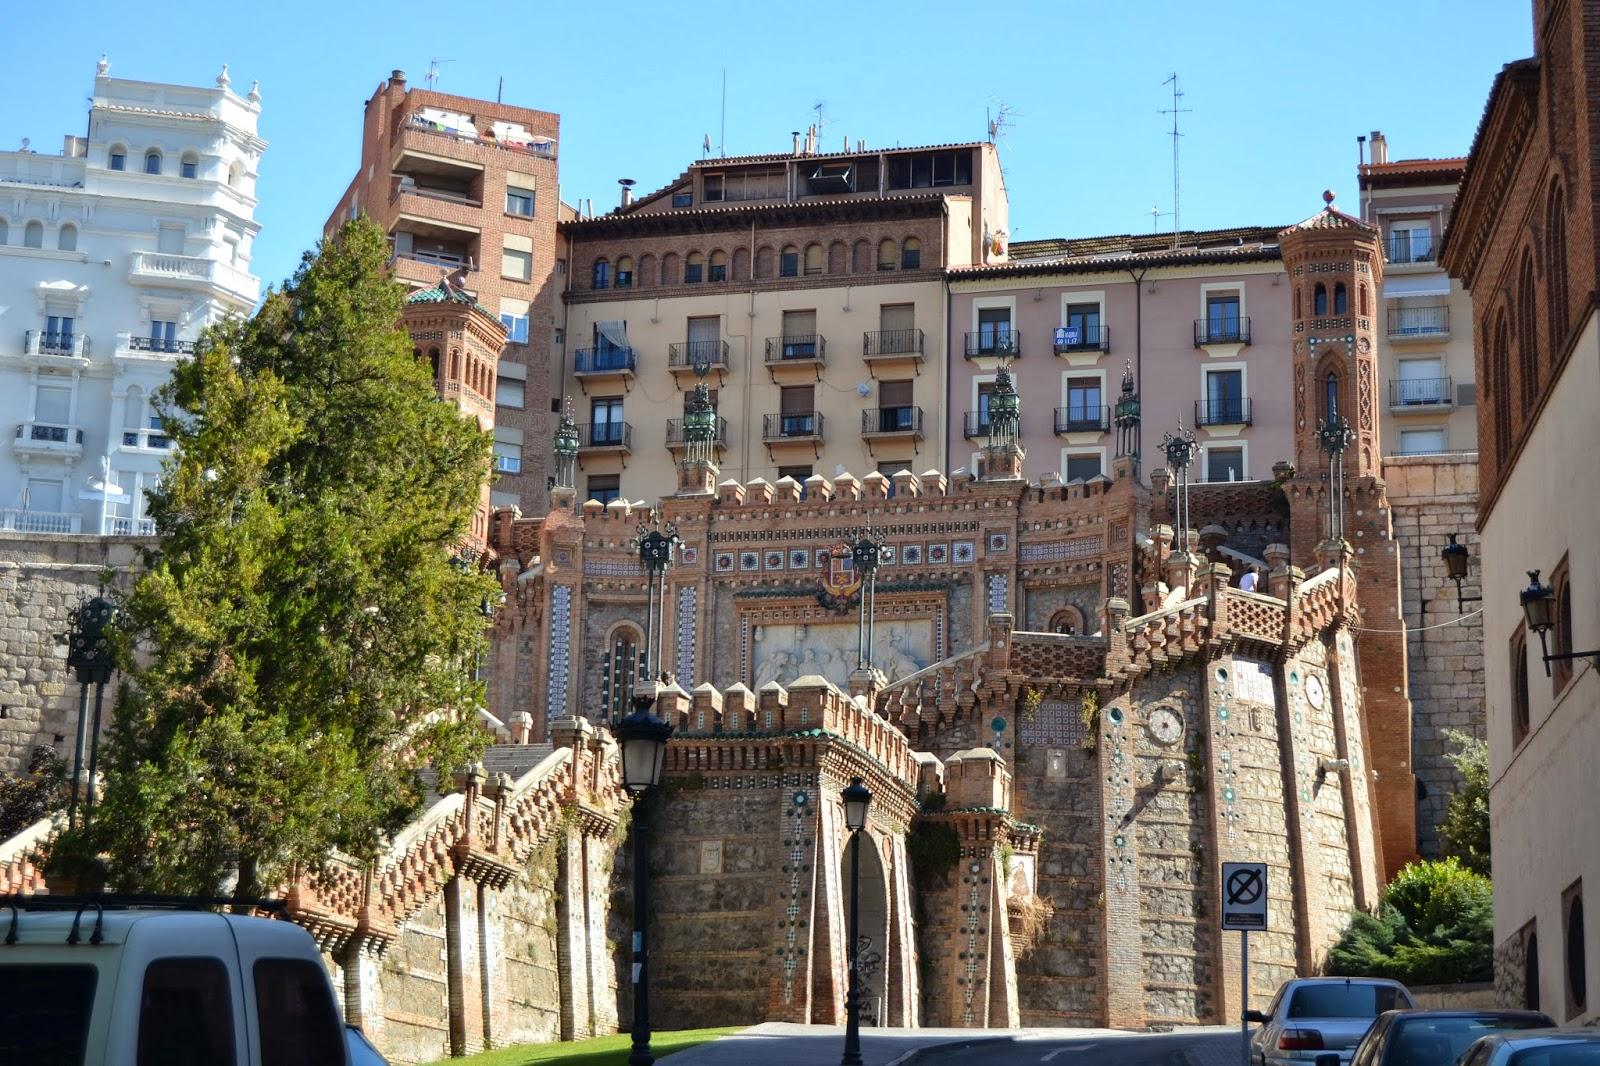 Escalinata de Teruel. Guía de viaje de Teruel y Rubielos de Mora. Tu Maleta.